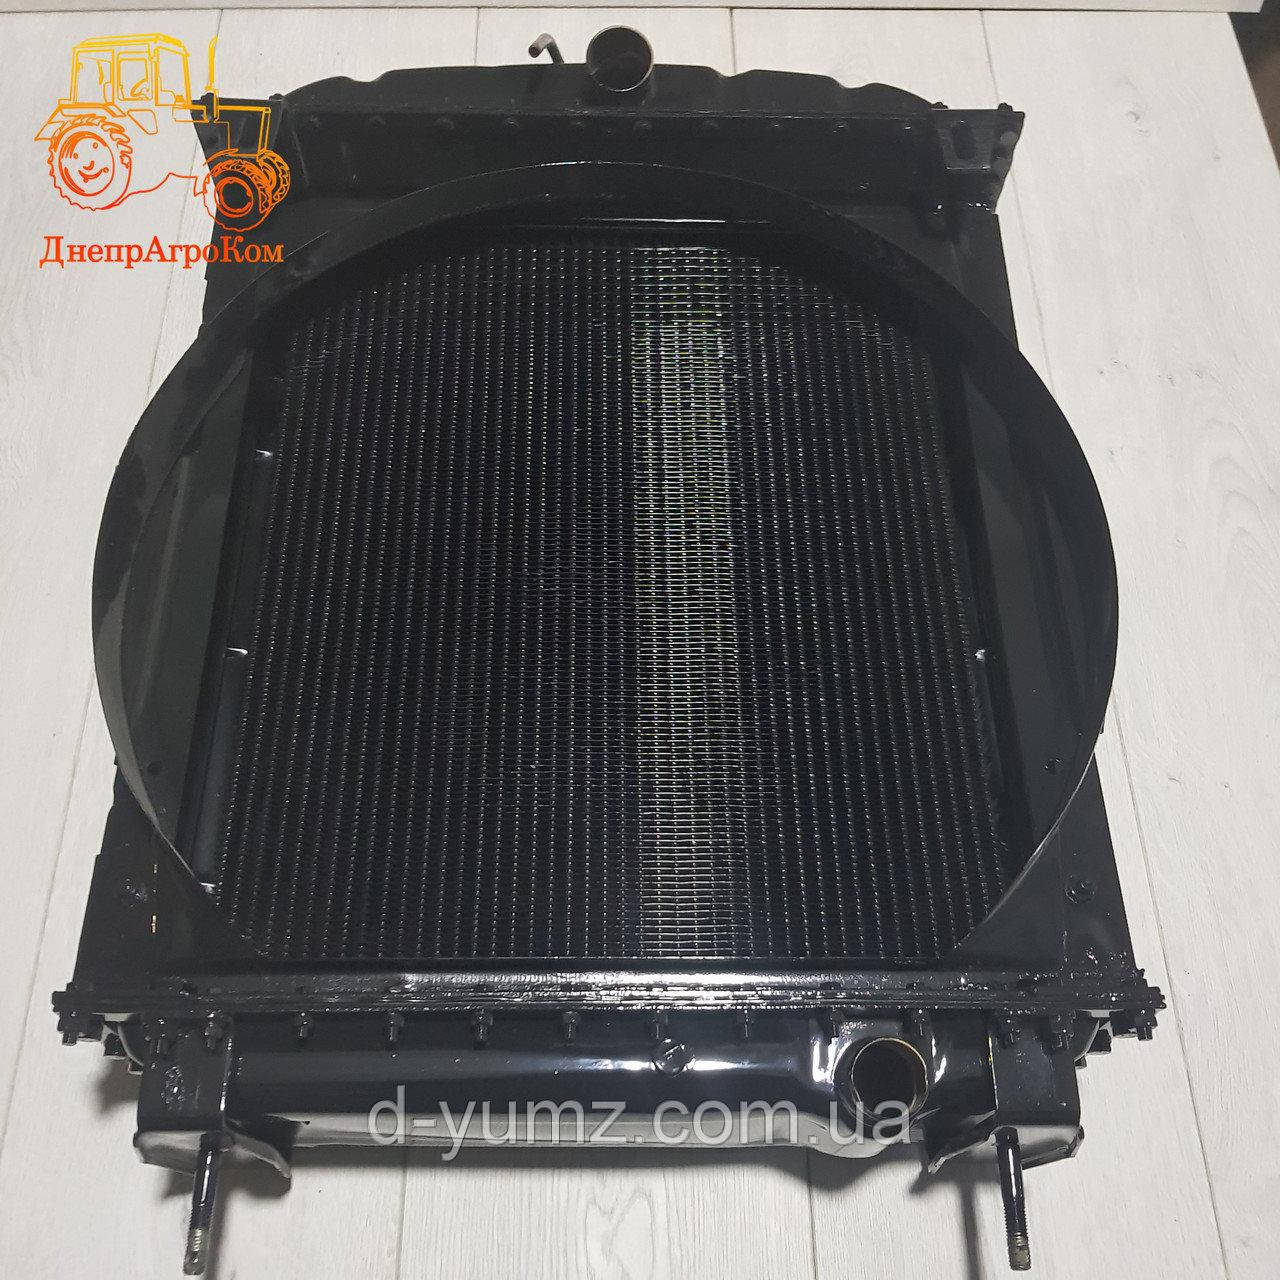 Долговечность вашего трактора ЮМЗ напрямую зависит от надежности его деталей системы охлаждения